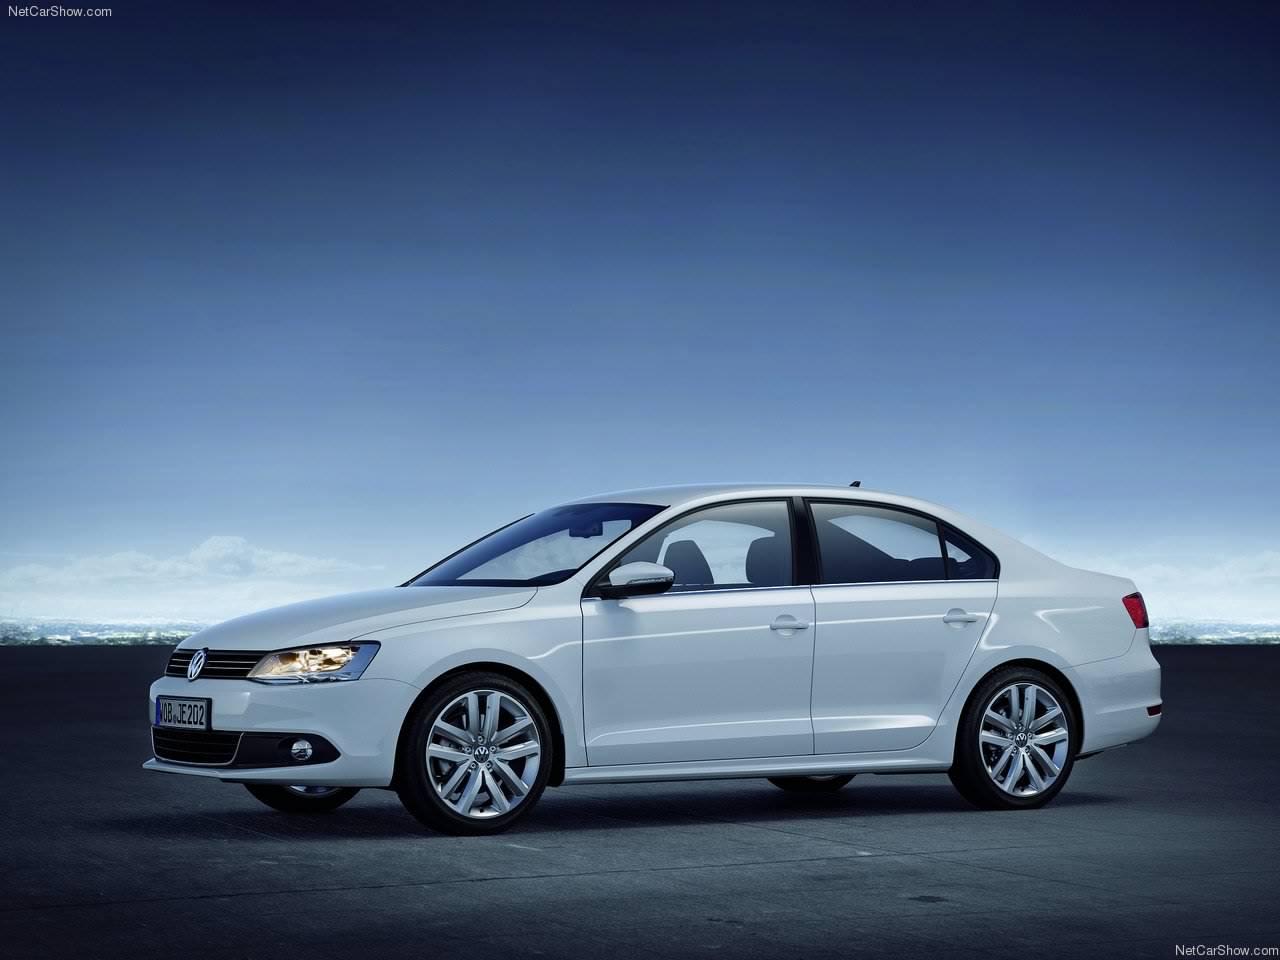 2011 Volkswagen Jetta EU Version | Volkswagen Cars